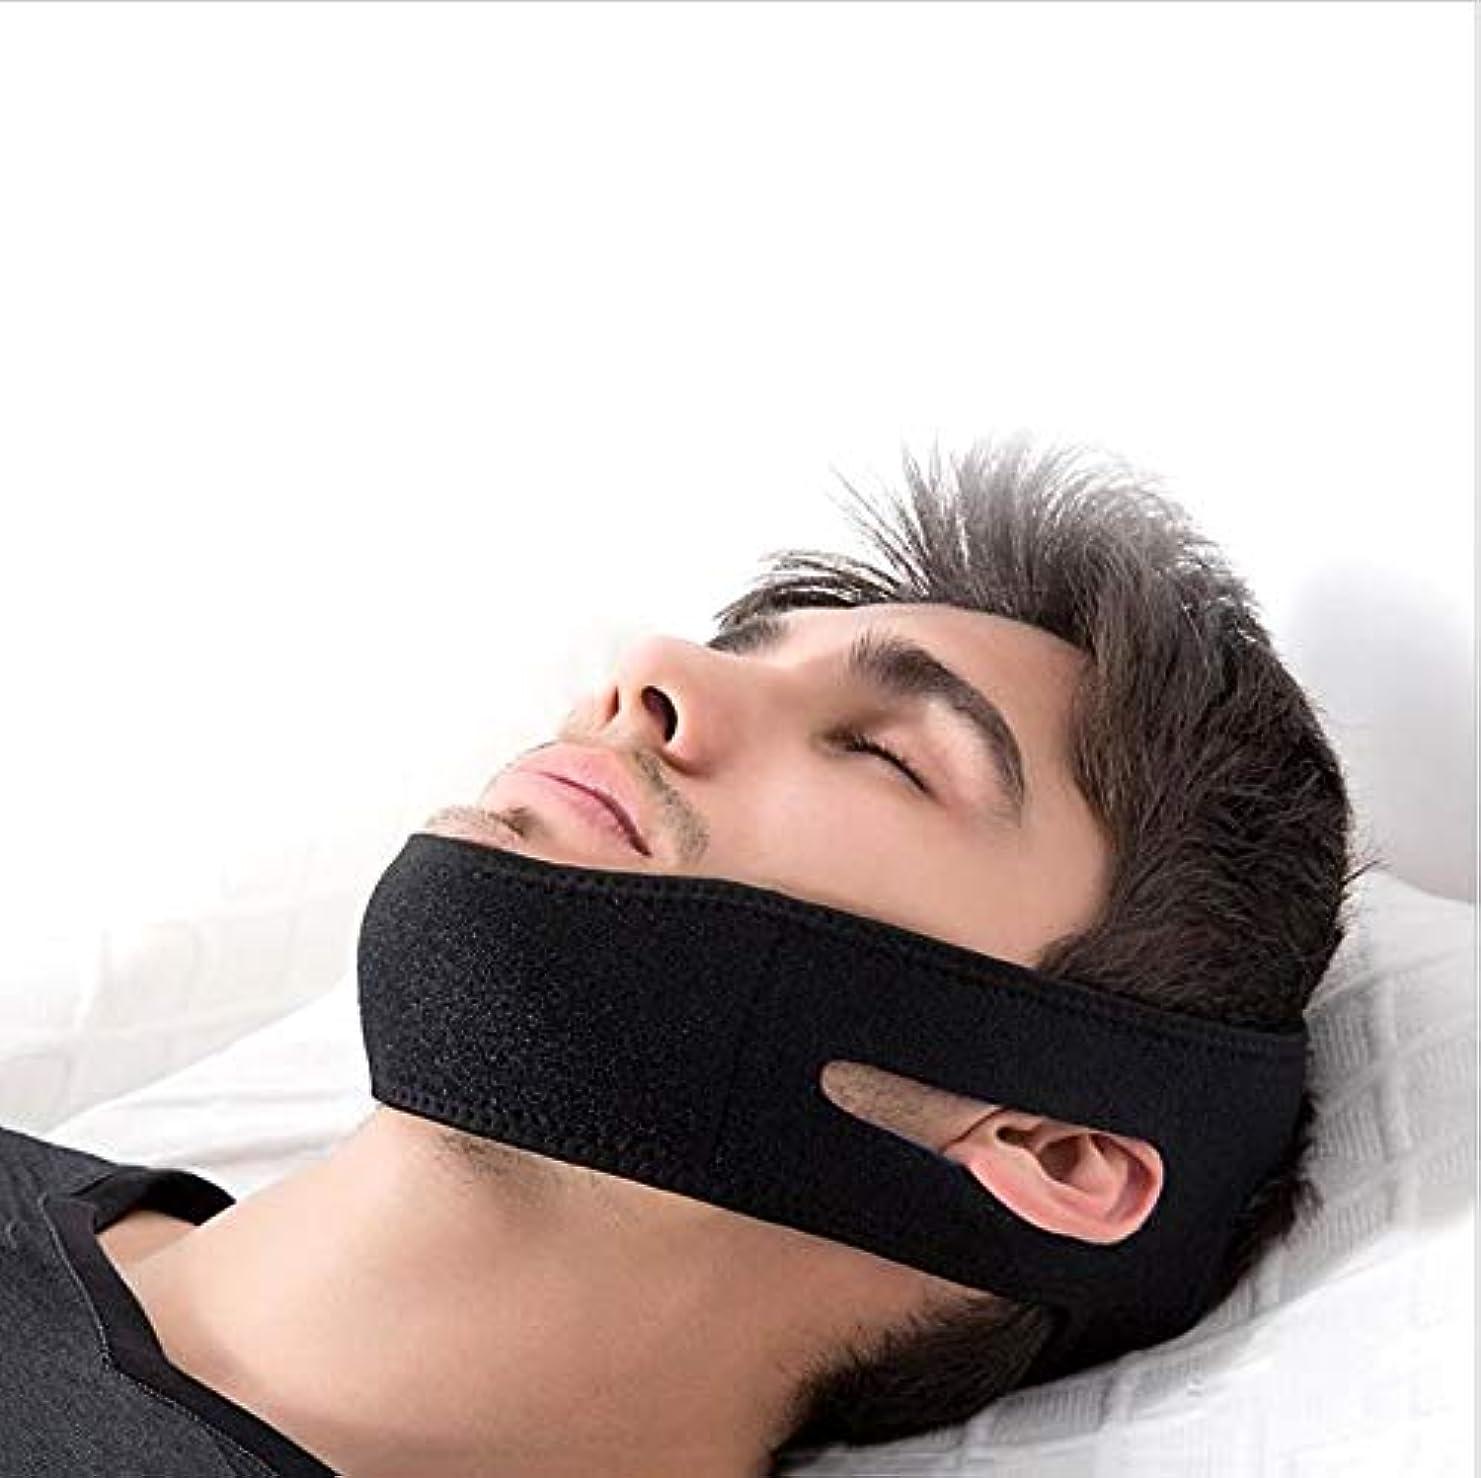 世界記録のギネスブック朝の体操をする未来顔面の体重減少男性と女性の顔Vの顔の睡眠のマスク顔リフトの包帯顔のリフト二重顎と薄い顔をしっかりと固定